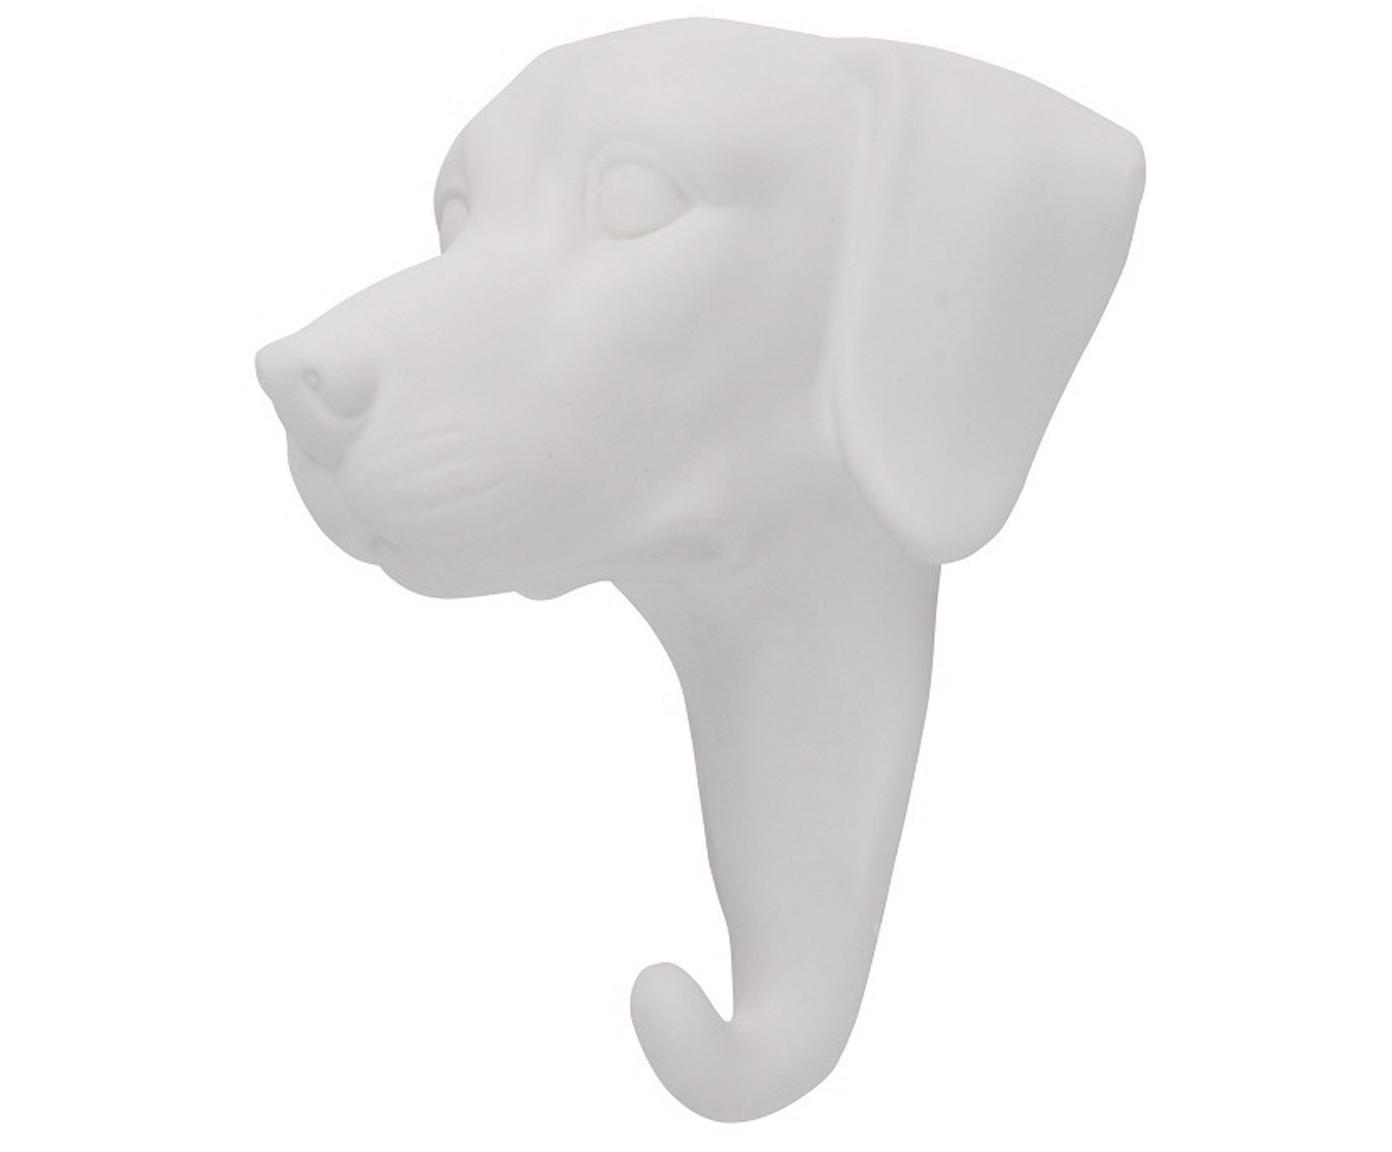 Wandhaken Dog aus Porzellan, Porzellan, Weiss, H 13 cm